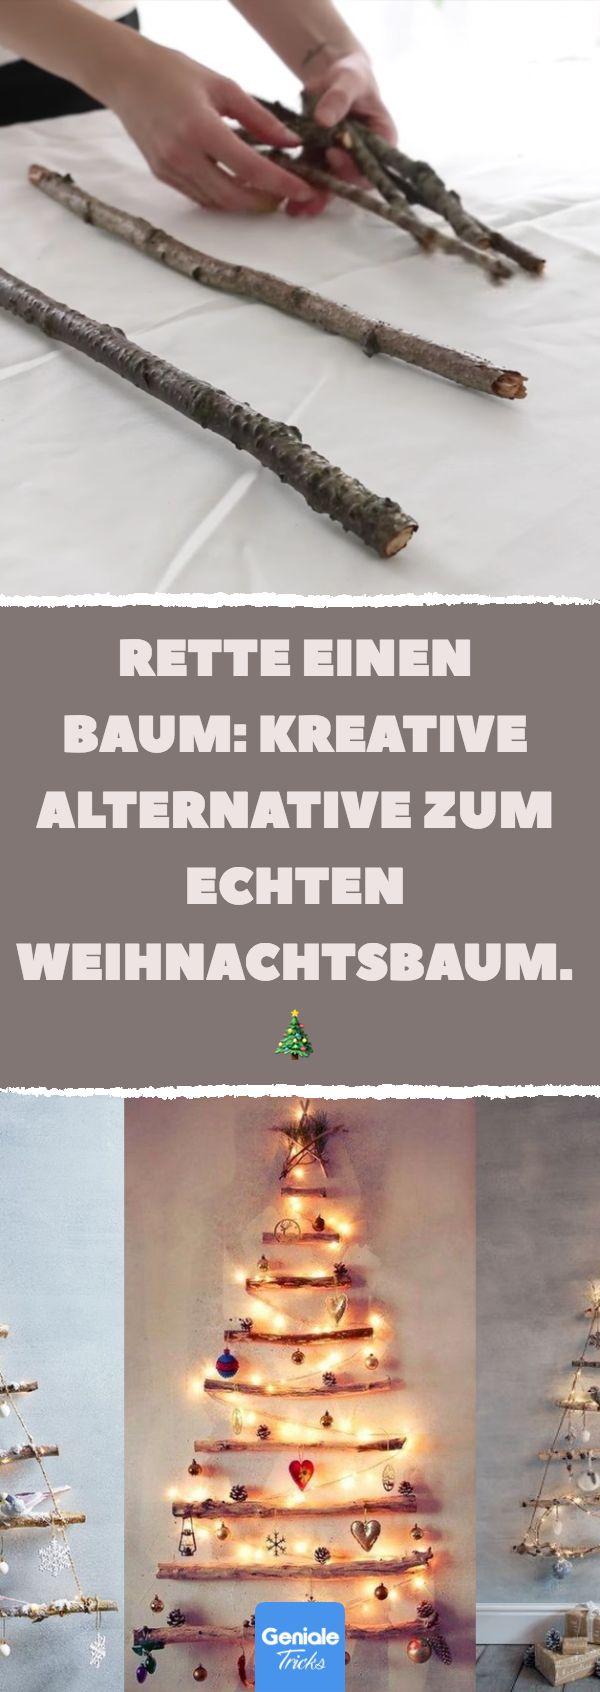 Die schönste Weihnachtsdeko des Jahres ist aus Stöcken. Ich kann immer noch nicht glauben, wie leicht es ist. #weihnachten #deko #weihnachtsbaum #interior #naturmaterialien #diy #kinder #basteln